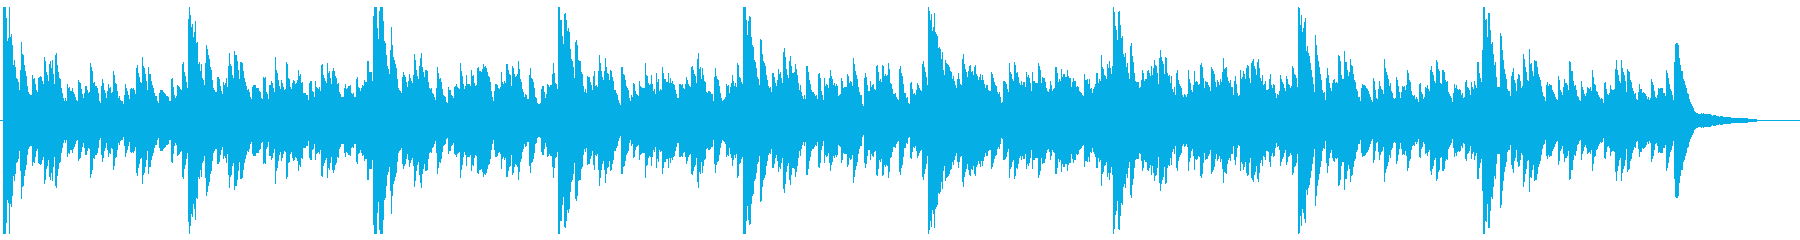 ゆっくり滑らかな新しさのあるピアノの曲の再生済みの波形